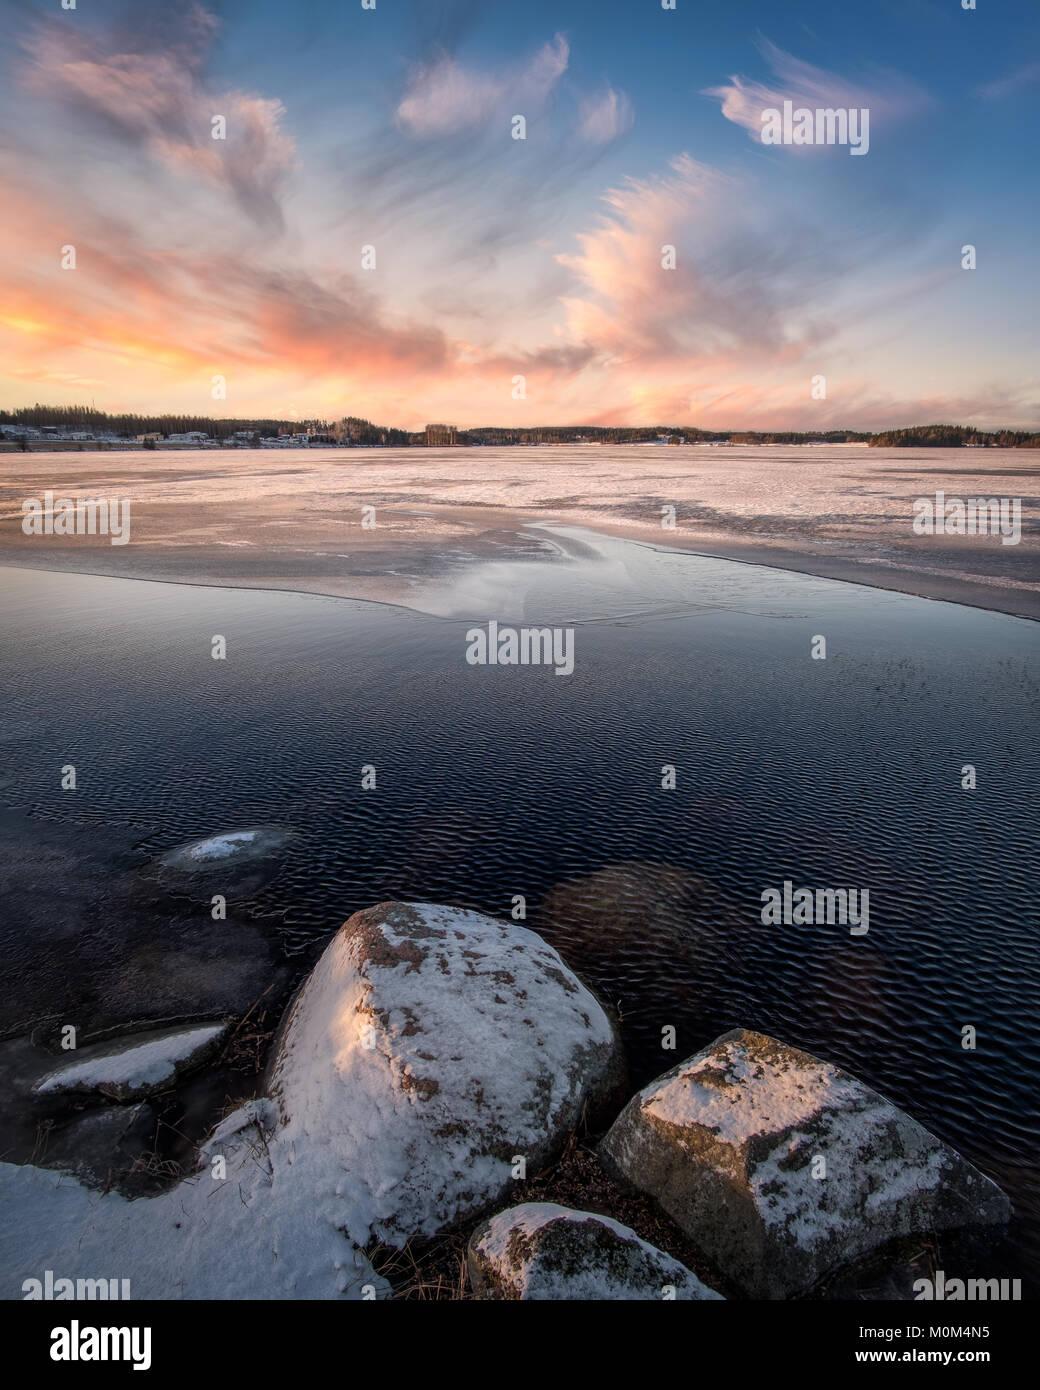 Die malerische Landschaft mit Sonnenuntergang und Einfrieren See am Abend im Winter in Finnland Stockbild